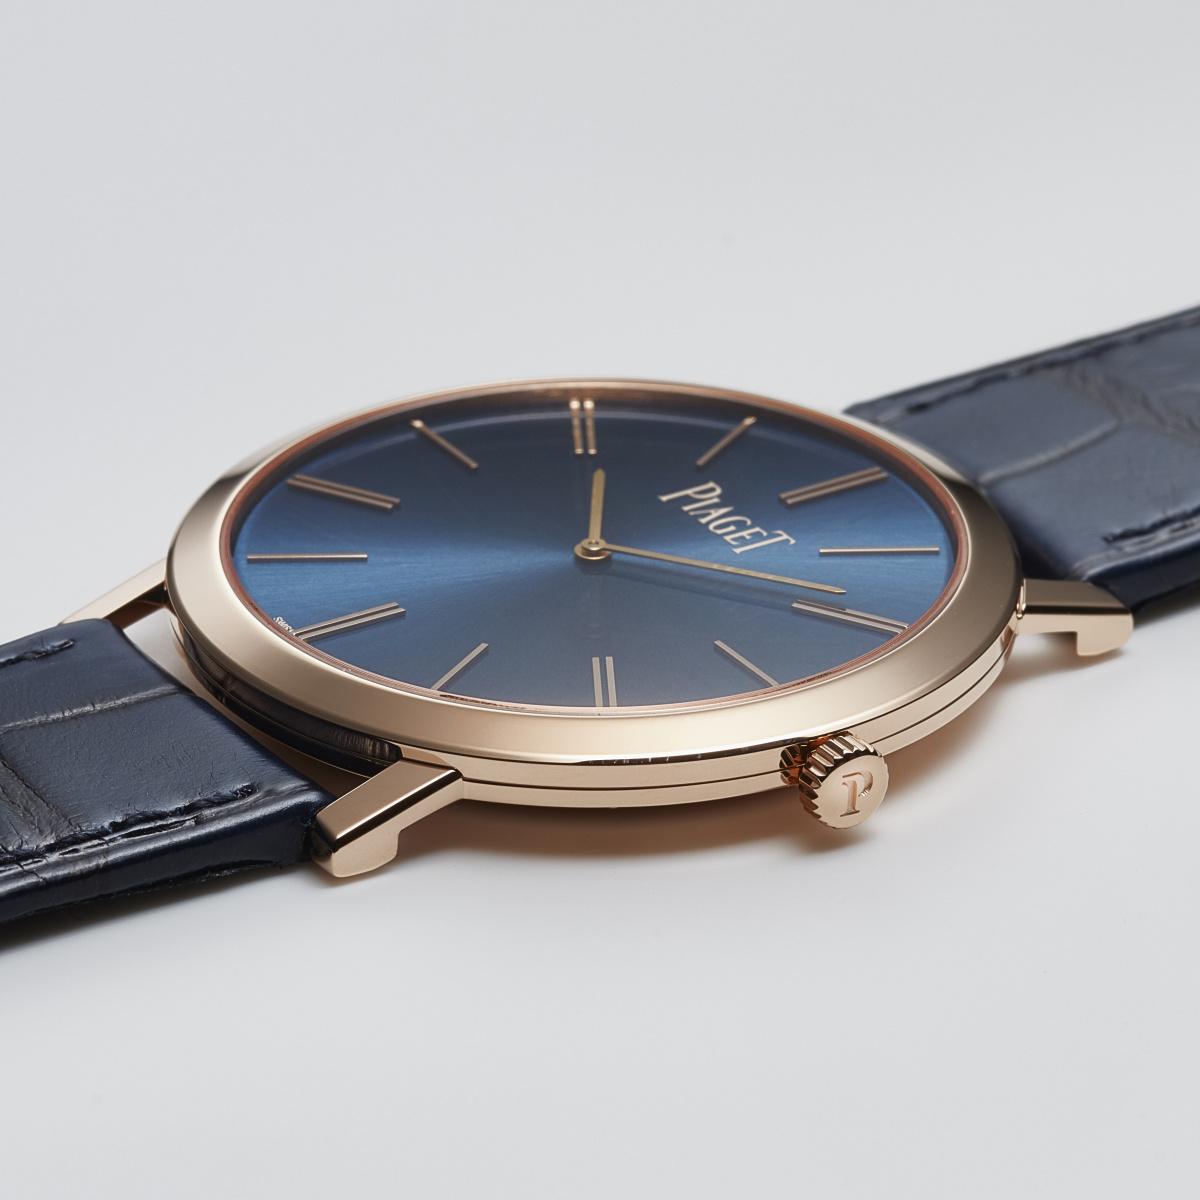 【ピアジェを巡る6つの逸話】第1回:自社工房で実現した、超薄型時計への追求。